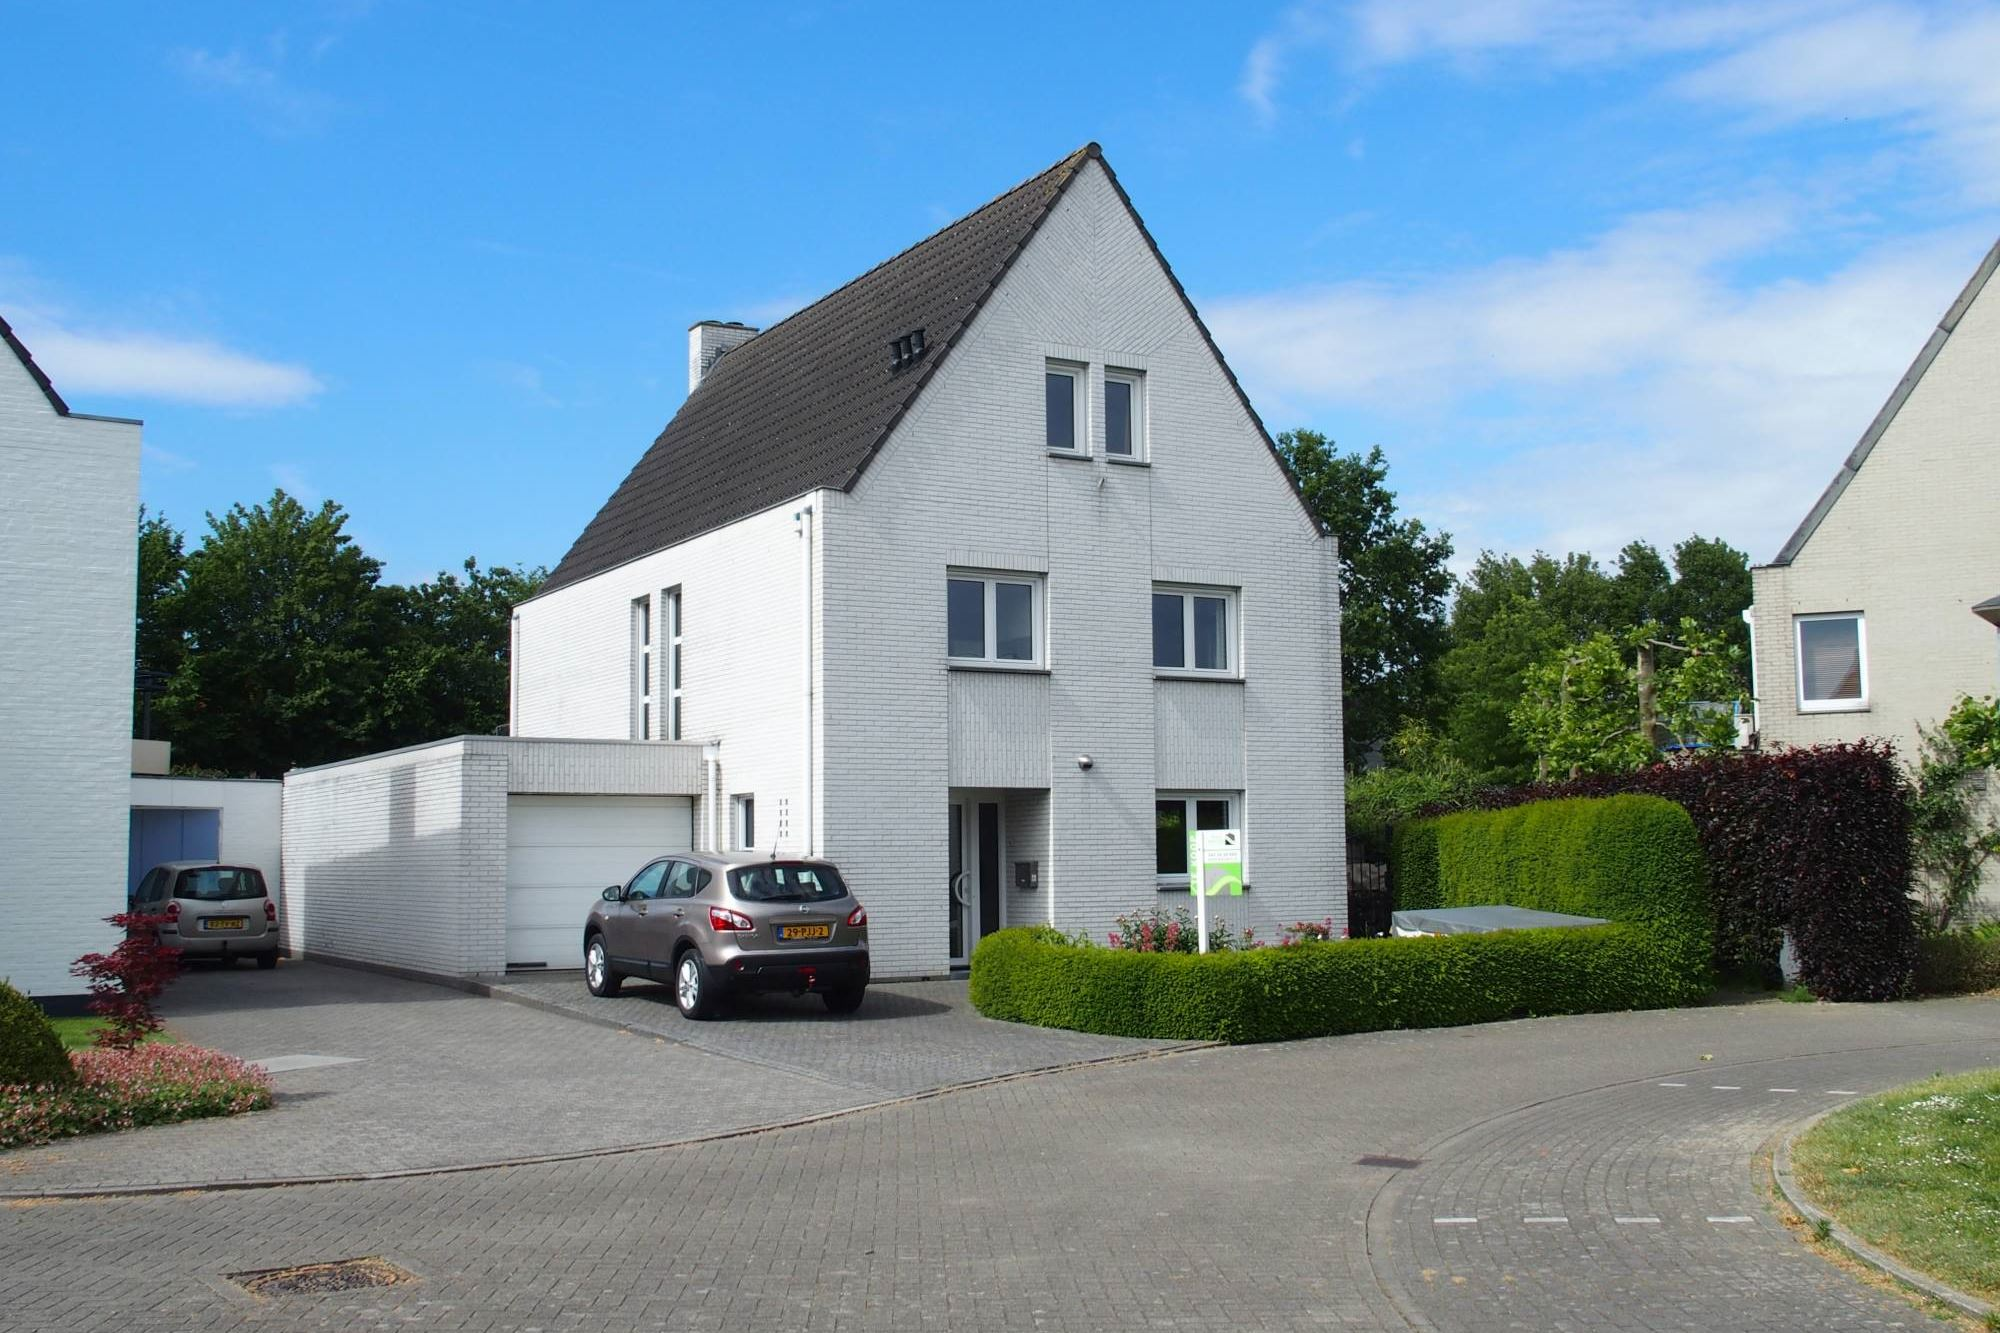 Huis te koop violabeemd 6 6229 zb maastricht funda for Huis te koop maastricht